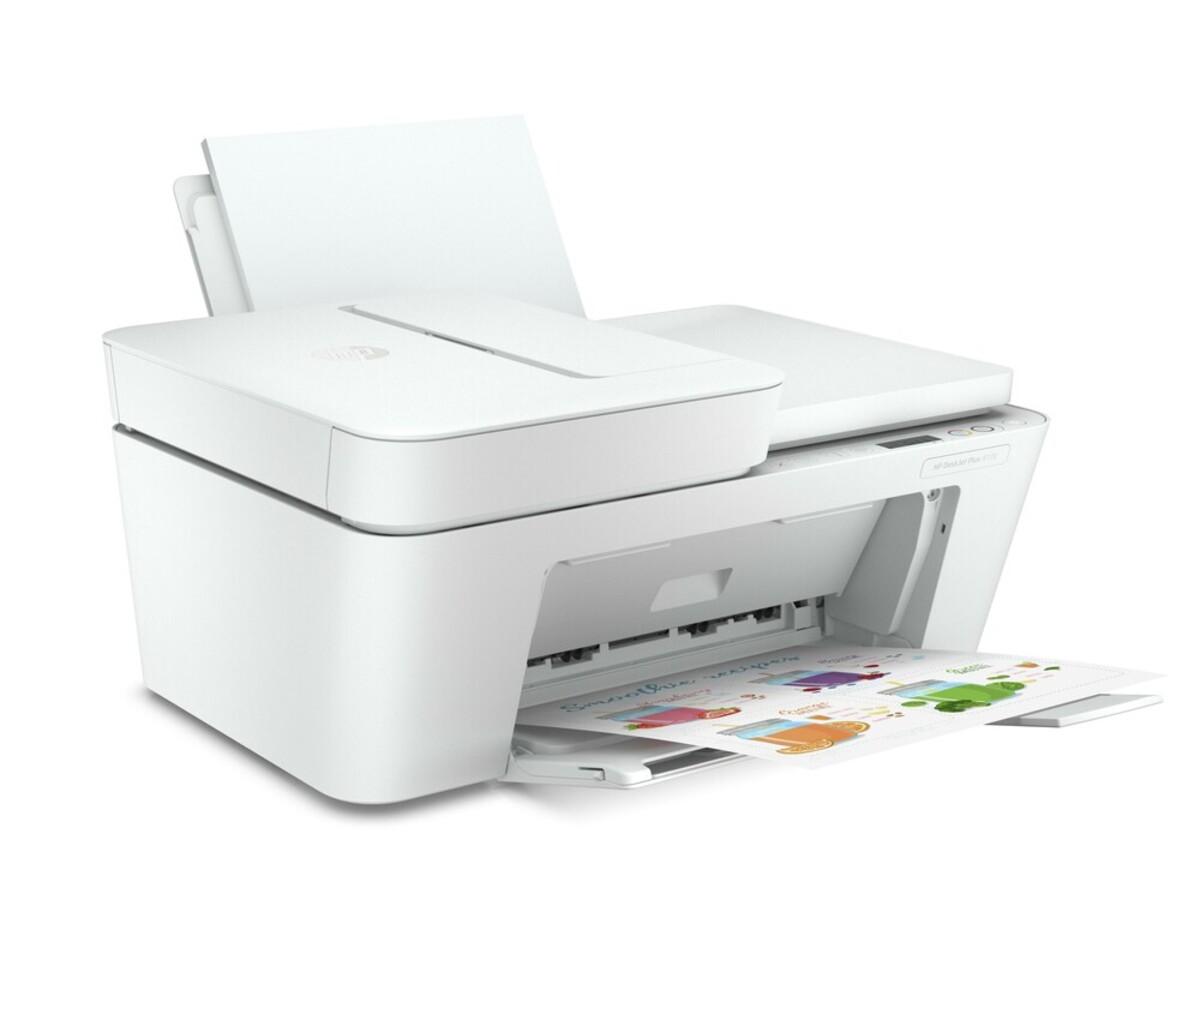 Bild 2 von DeskJet Plus 4120 weiß Multifunktionsdrucker